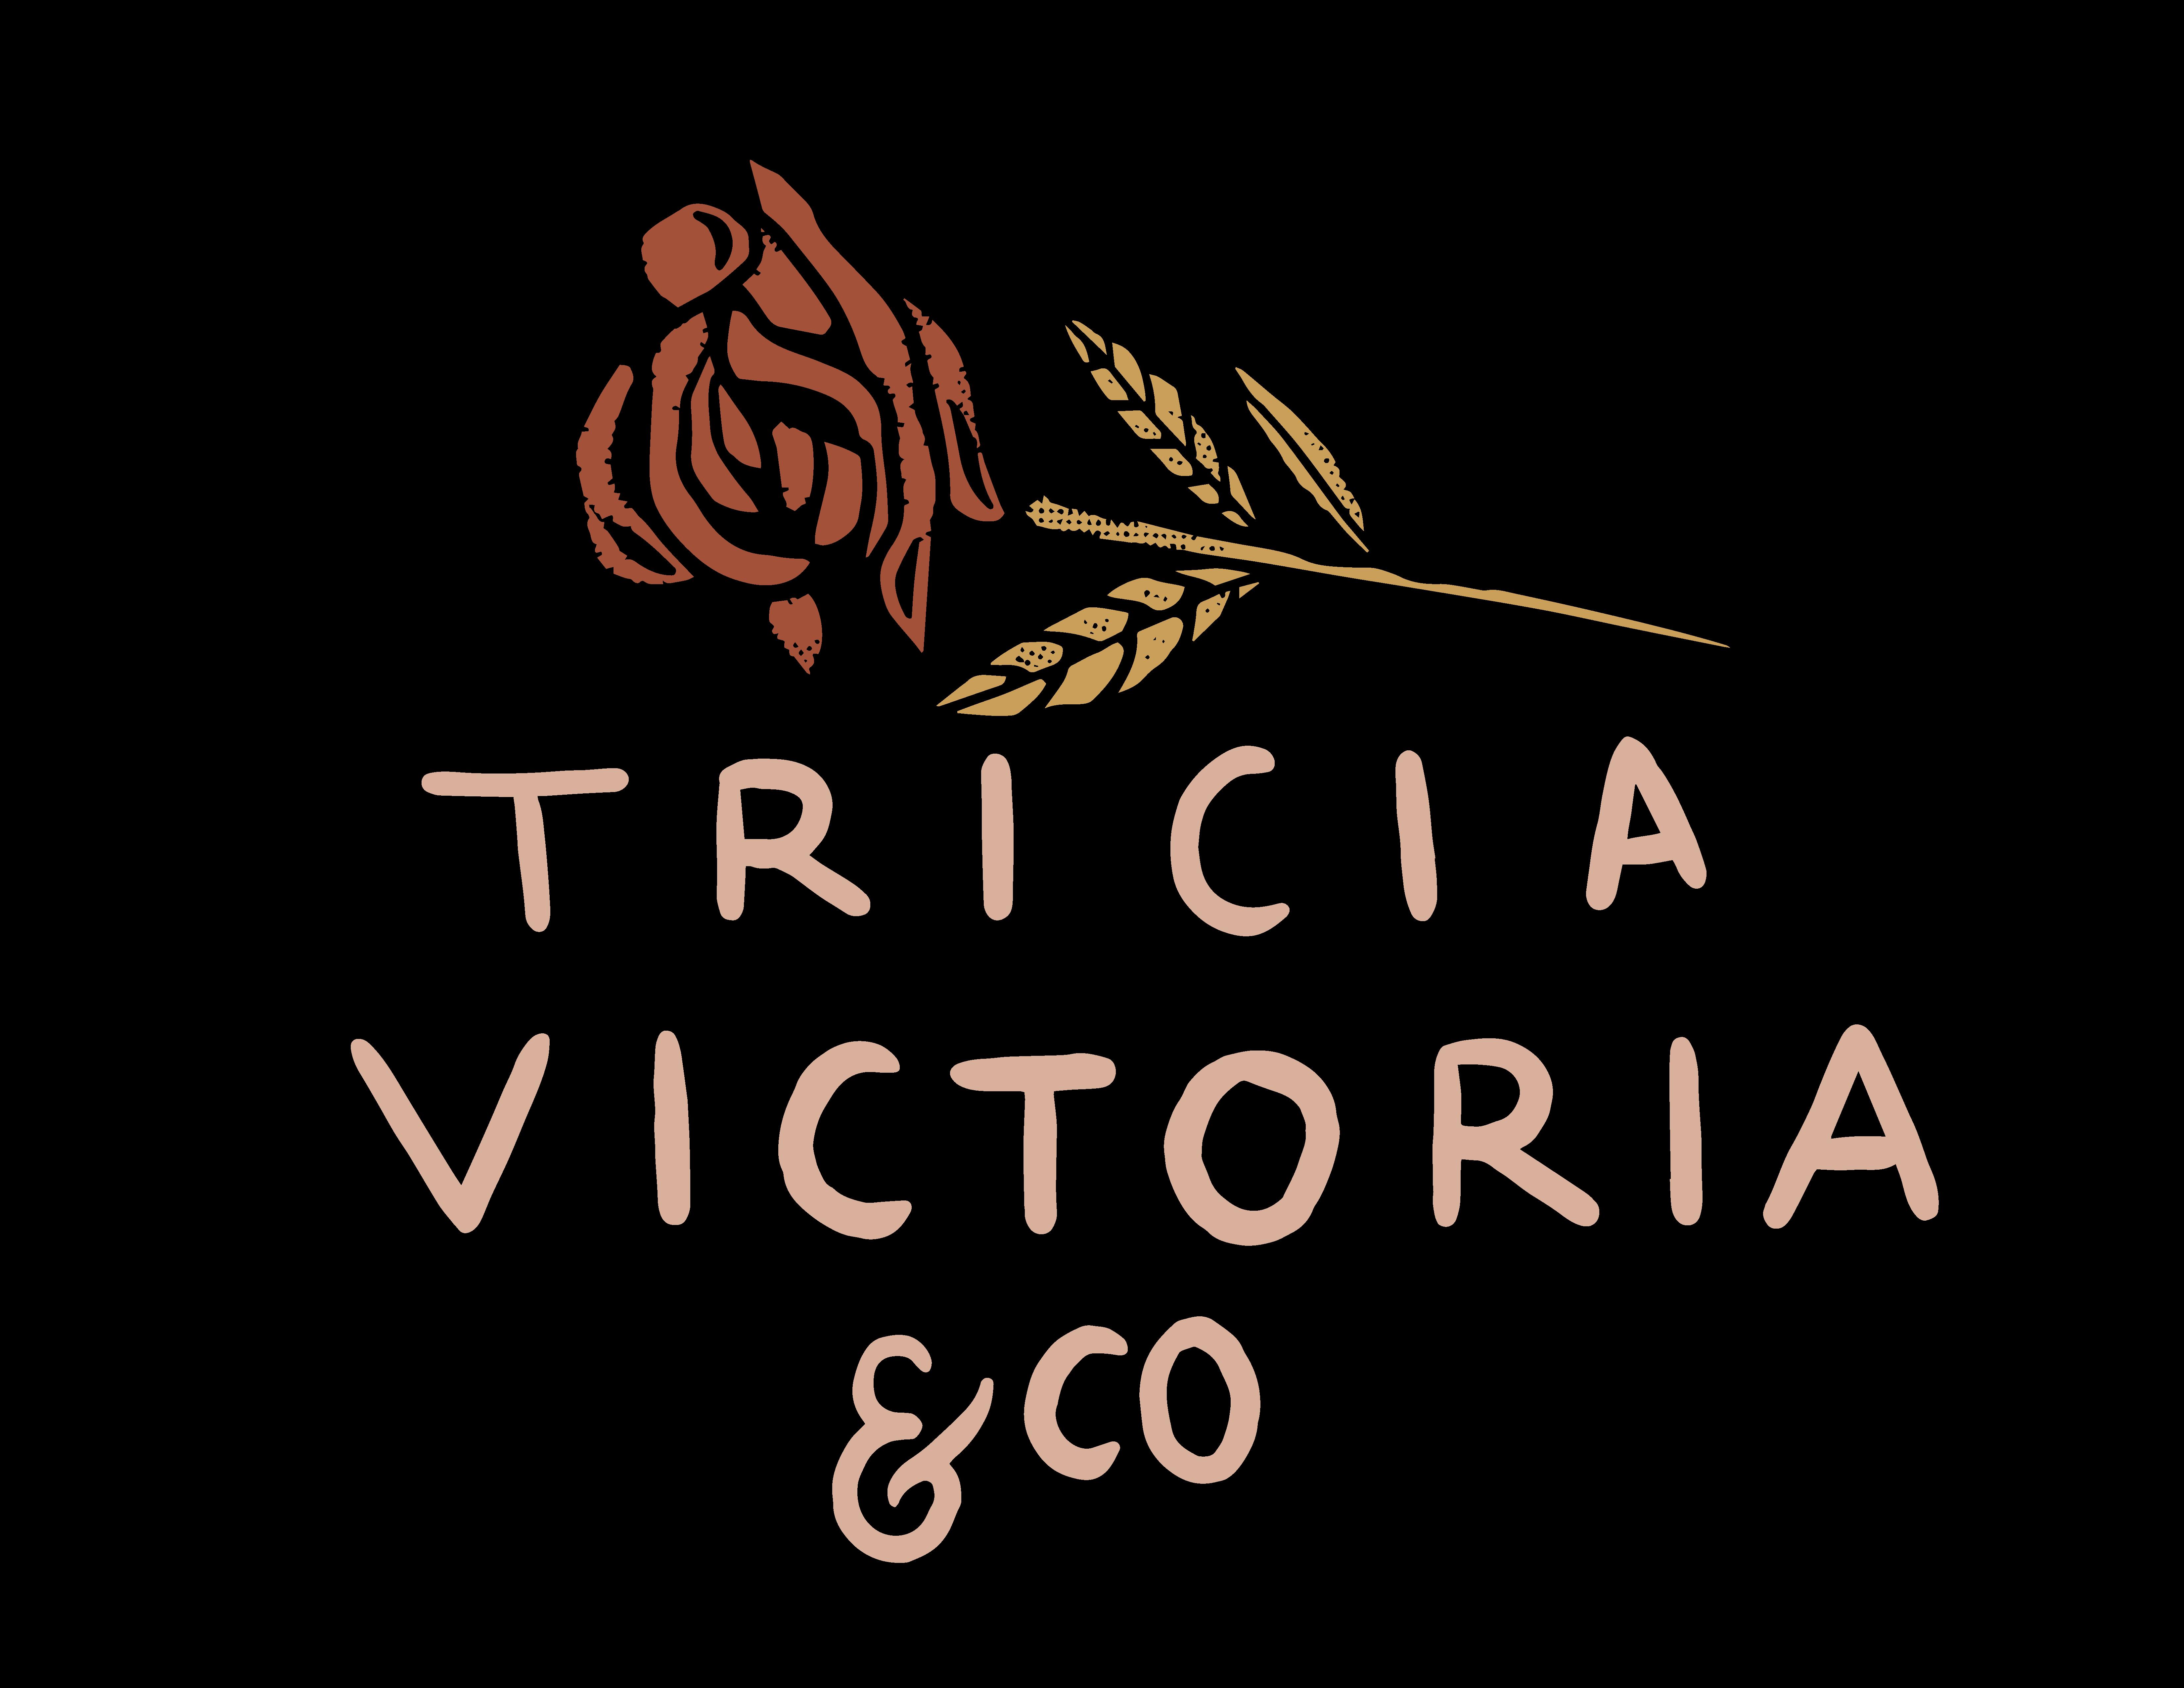 Tricia Victoria & Co.